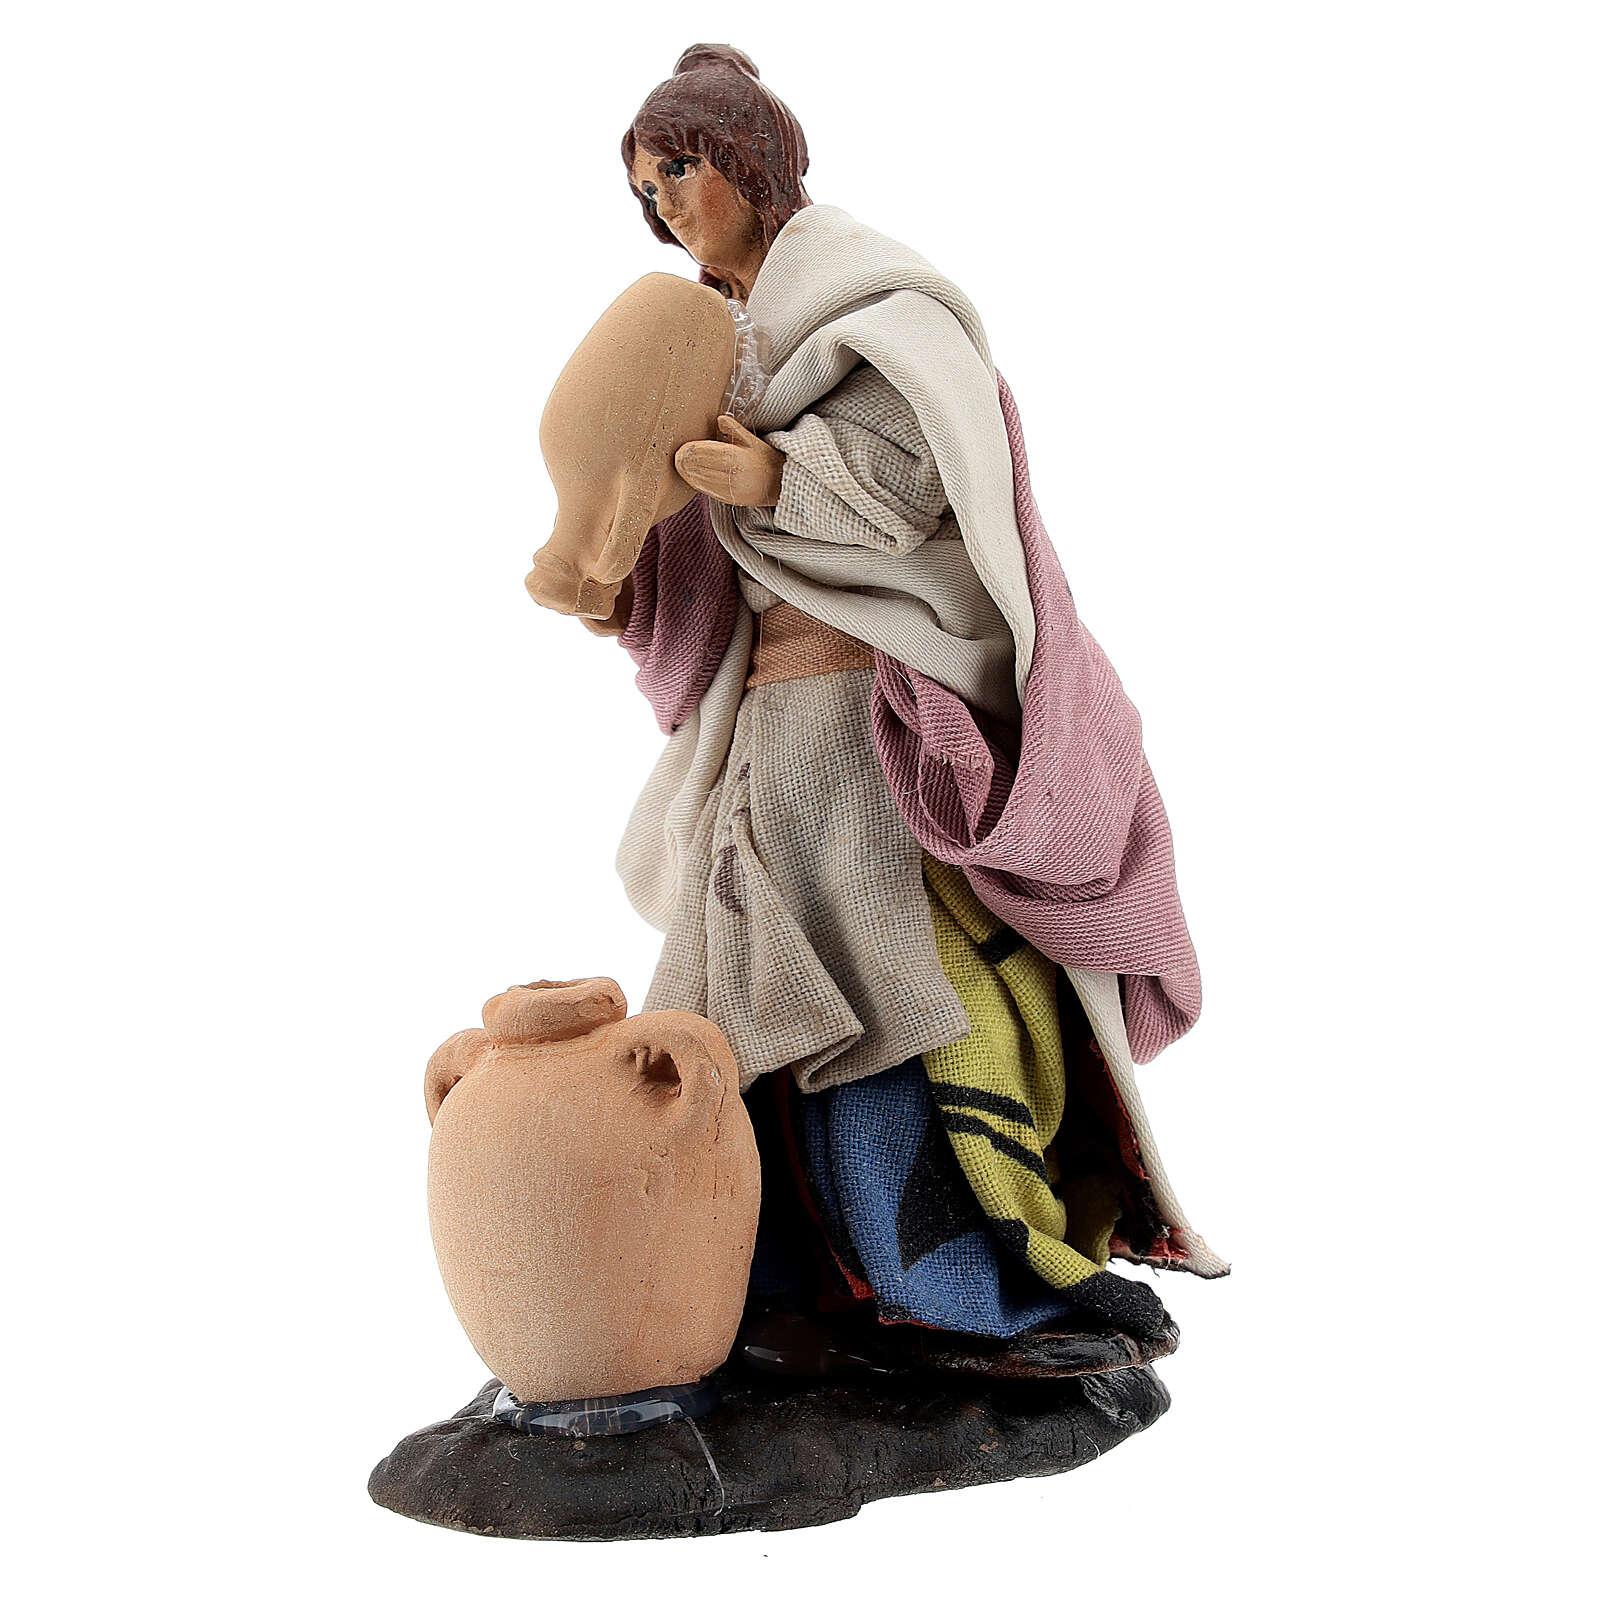 Woman with vases, 8 cm Neapolitan nativity figurine 4